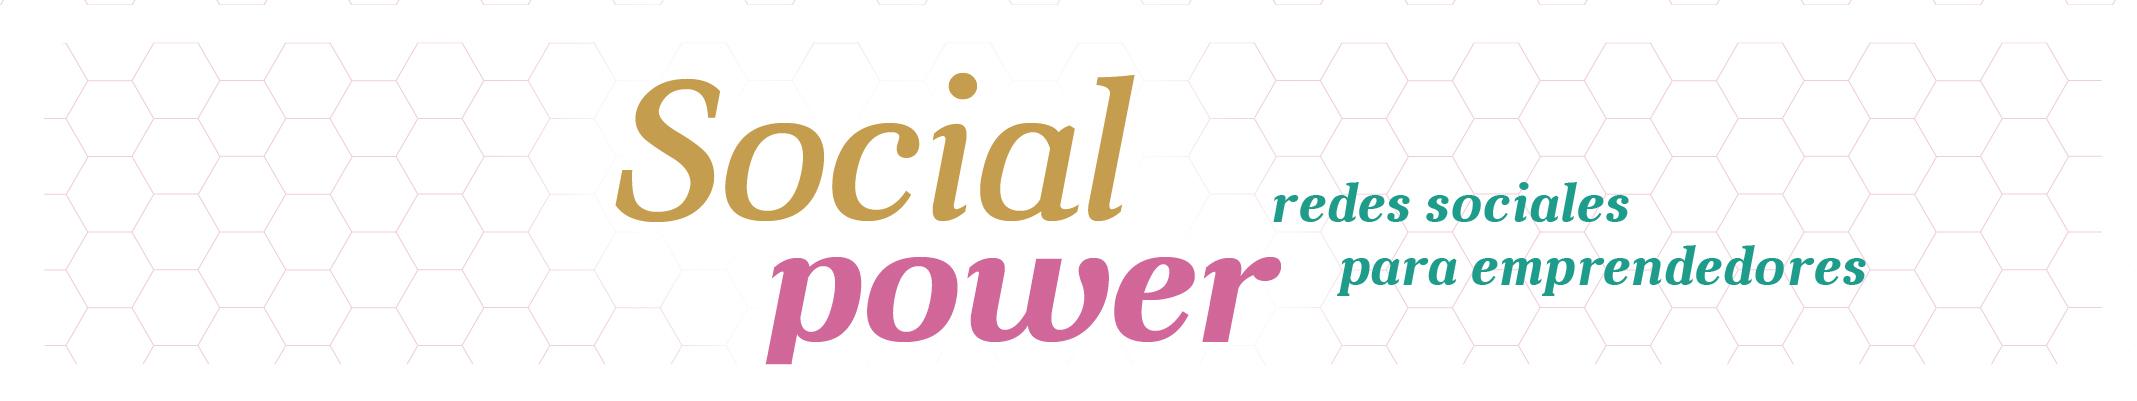 Curso_SocialPower-01